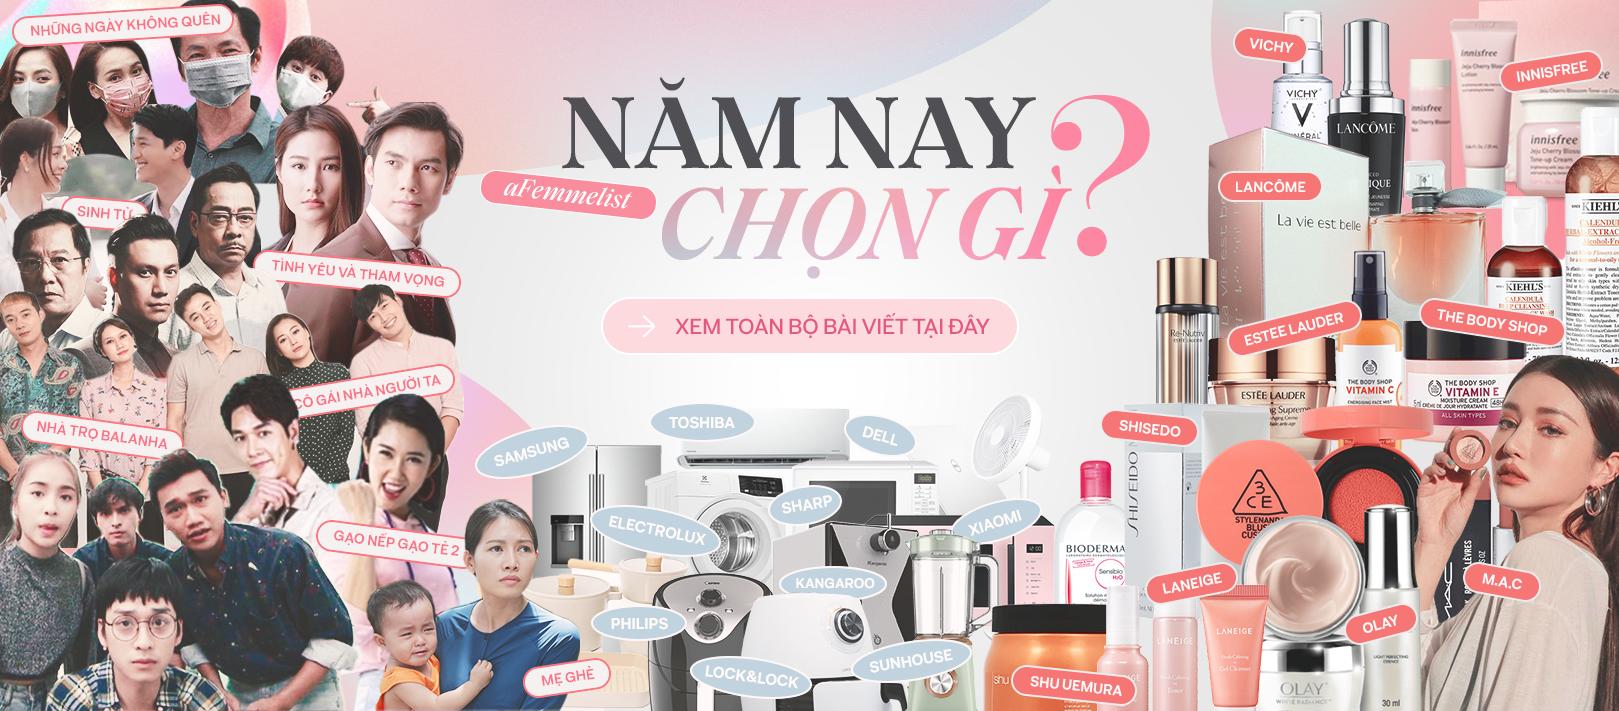 Top 5 cảnh hôn đẹp nhất màn ảnh nhỏ Việt Nam 2020: Từ lãng mạn bên đài phun nước đến táo bạo trong... chuồng ngựa - Ảnh 9.